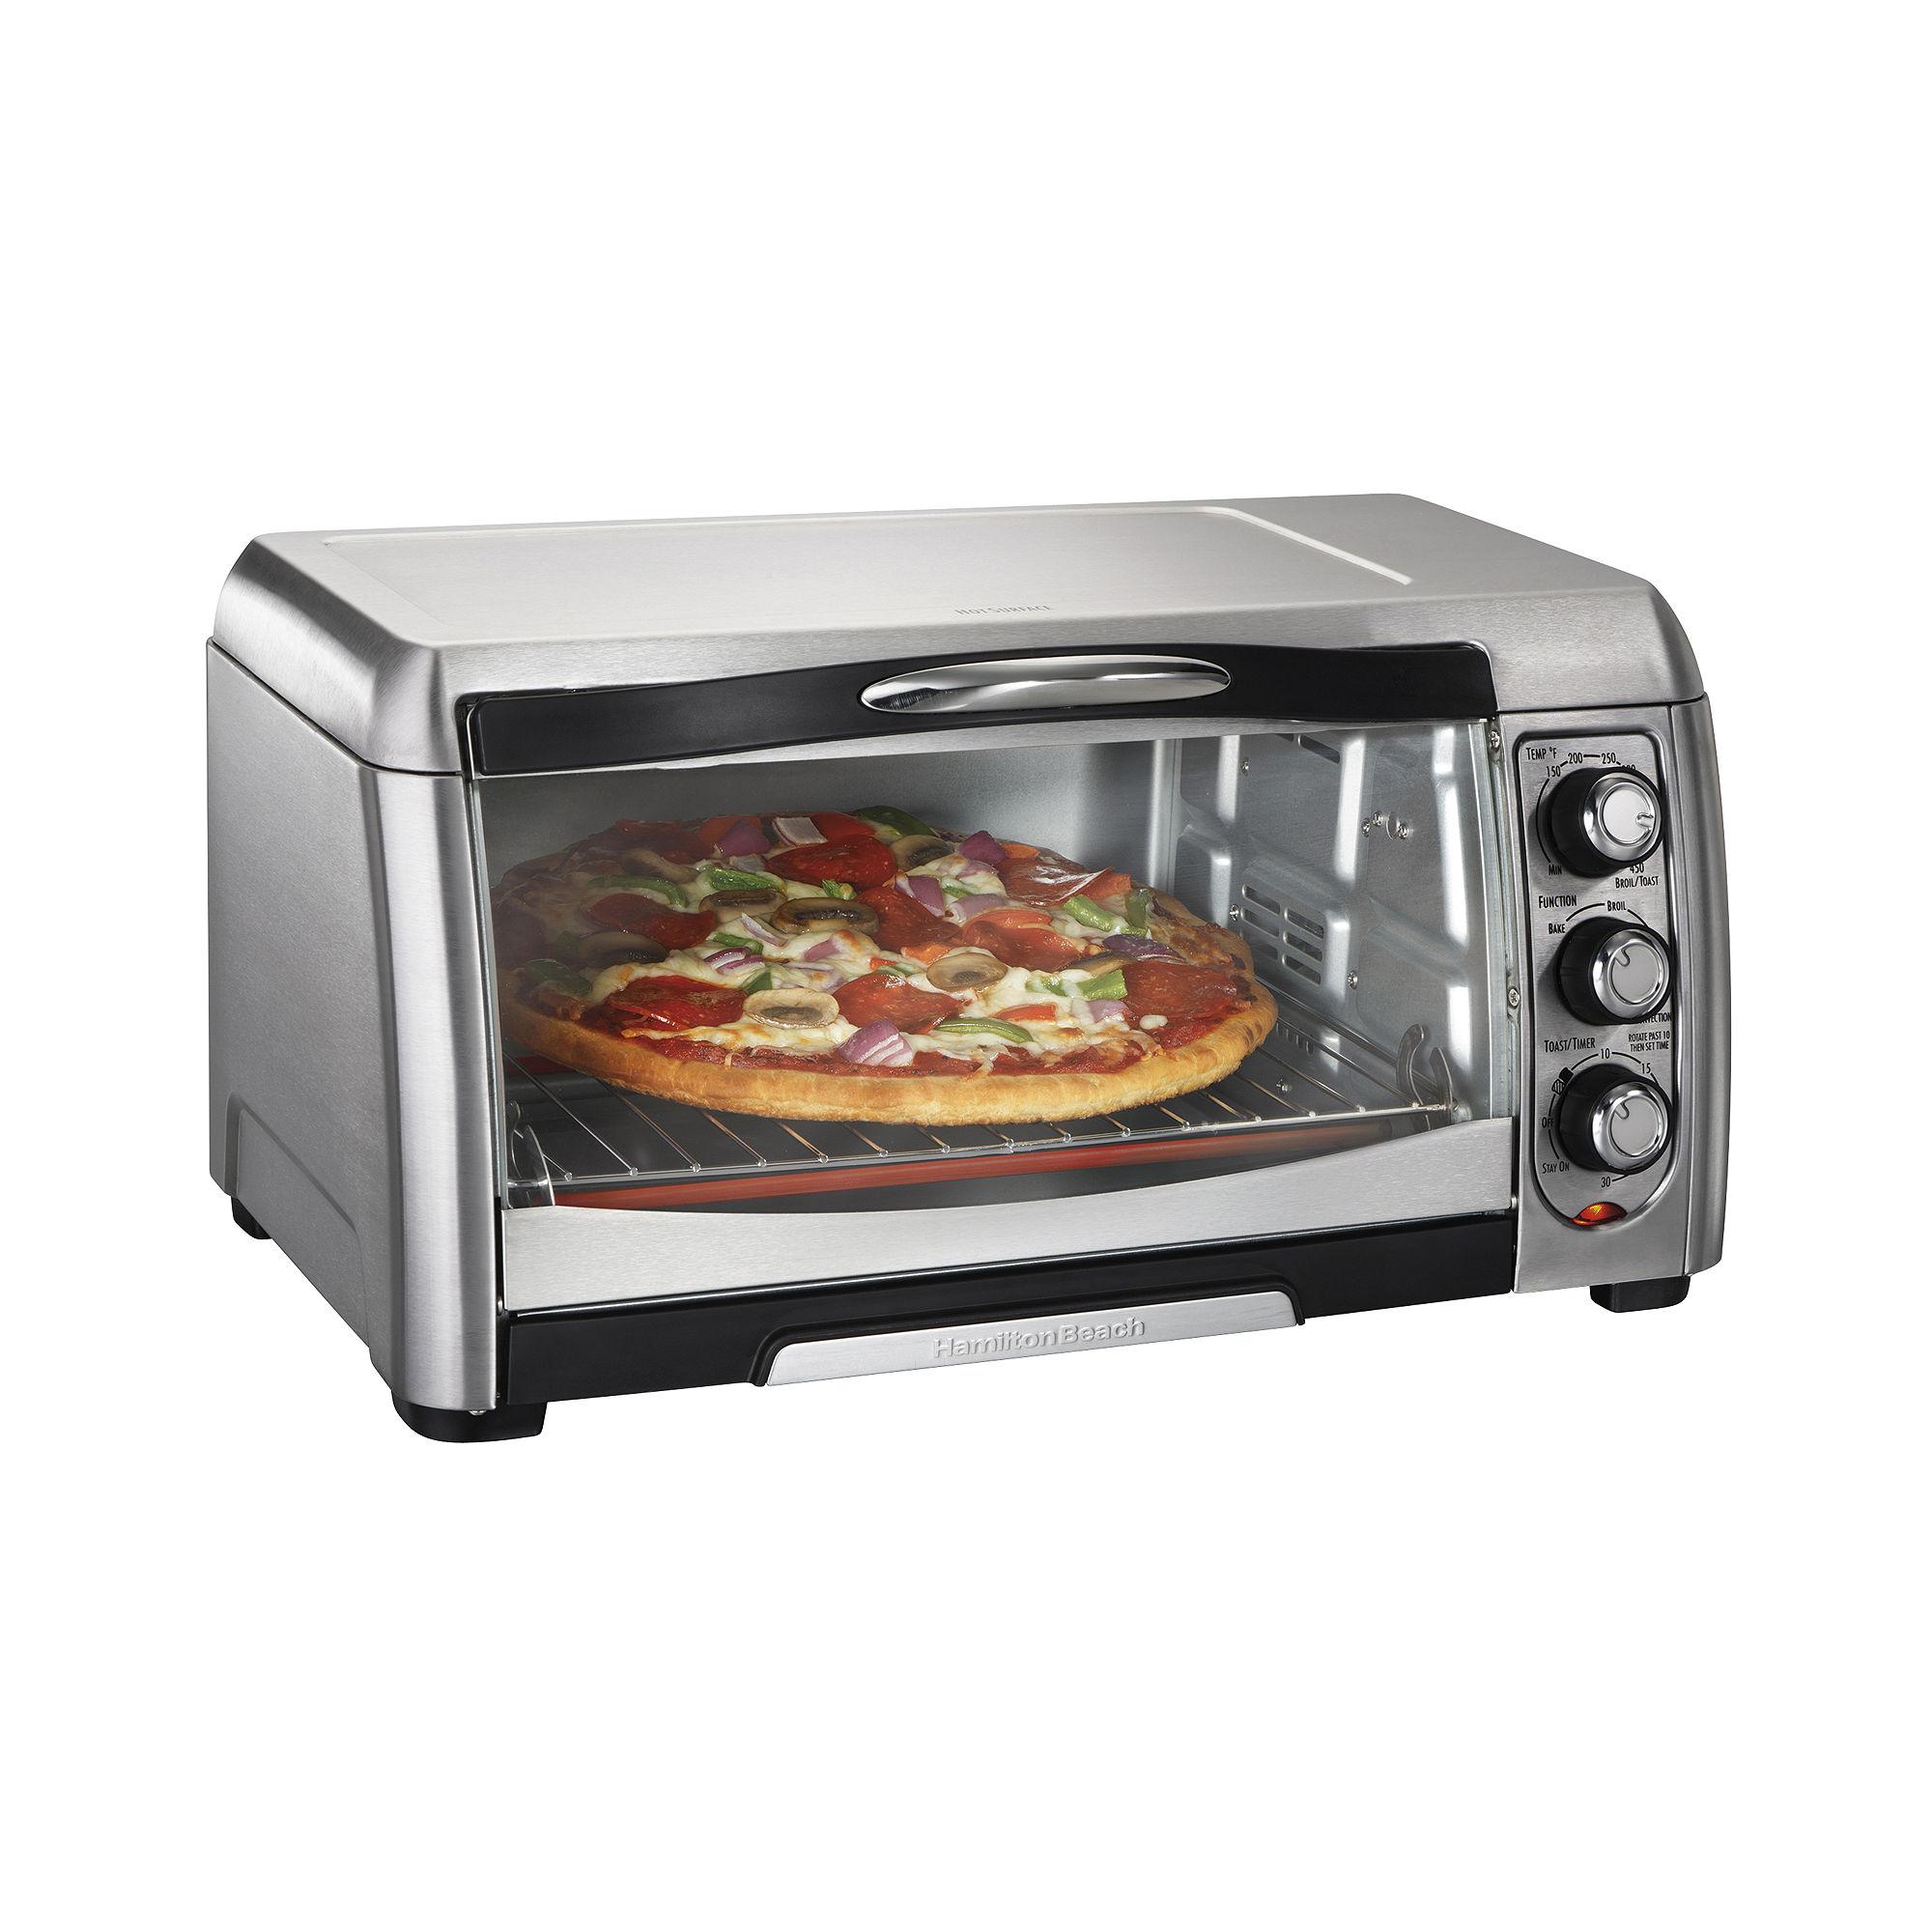 Hamilton Beach 6-Slice Toaster Oven Broiler + Convection